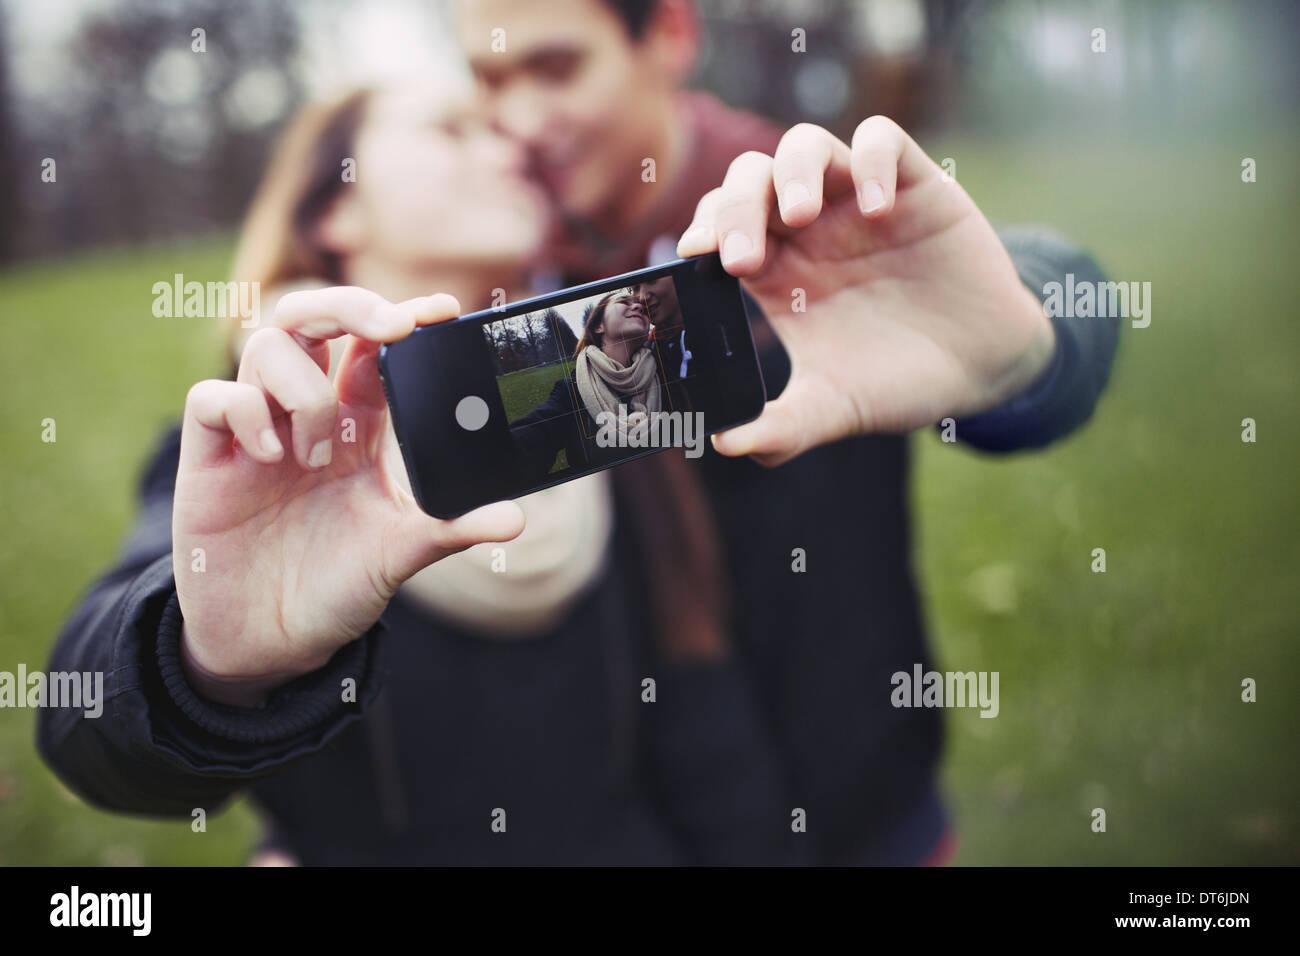 Romantico giovane adolescente tenendo autoritratto con un telefono cellulare al parco. Giovane uomo e donna nell'amore. Immagini Stock